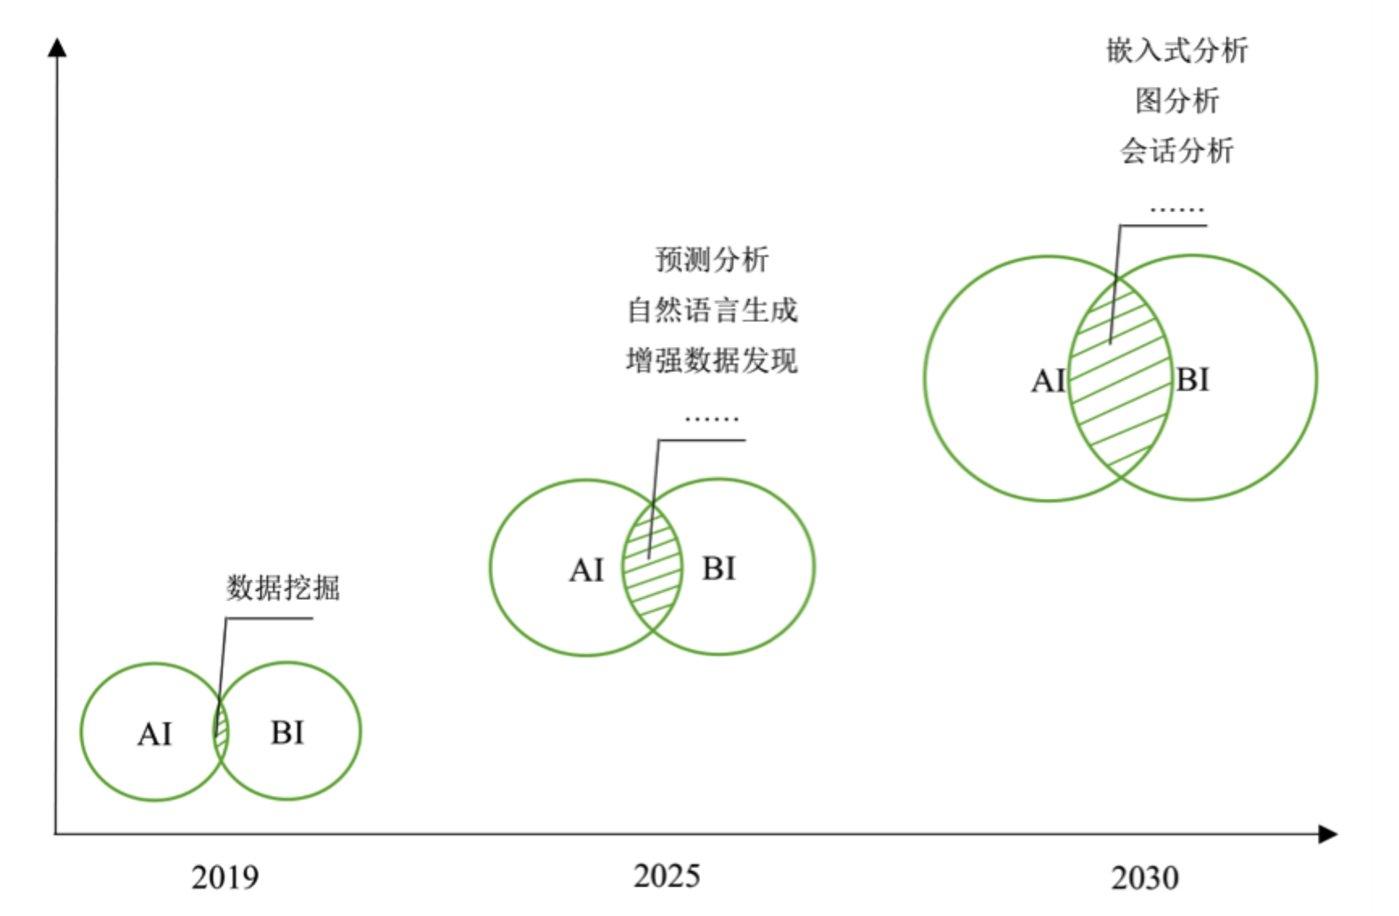 图2-AI+BI的发展现状和趋势